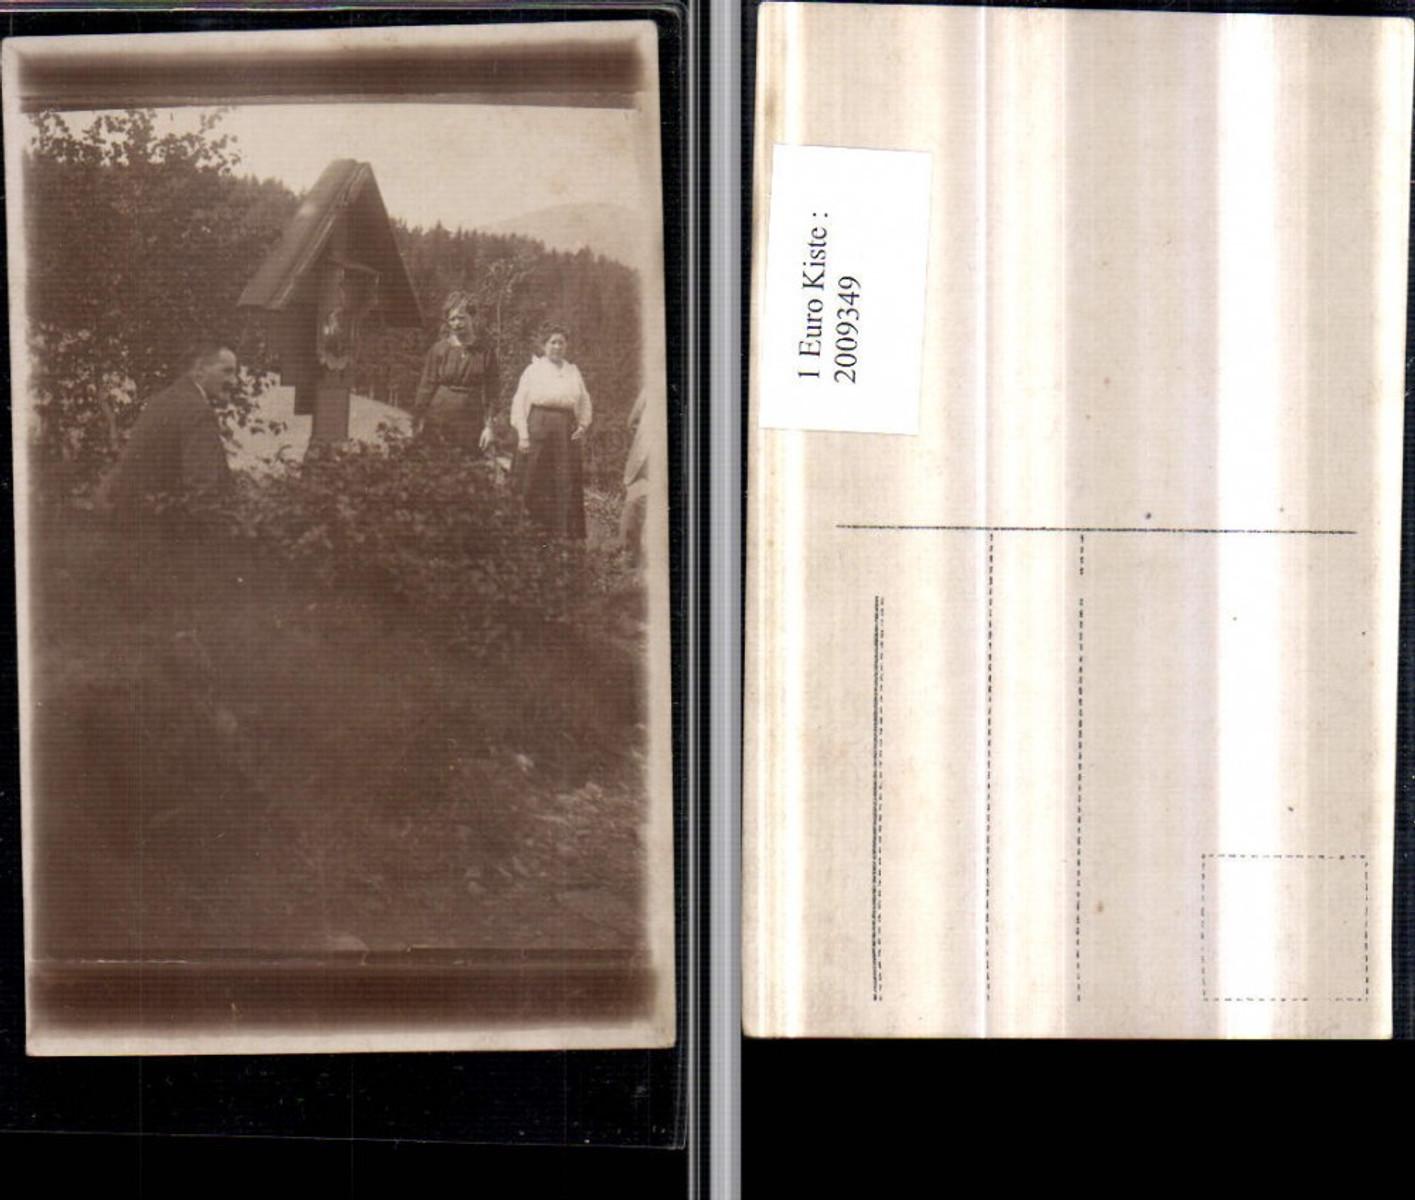 2009349,Foto AK Wegkreuz Personen Wald günstig online kaufen